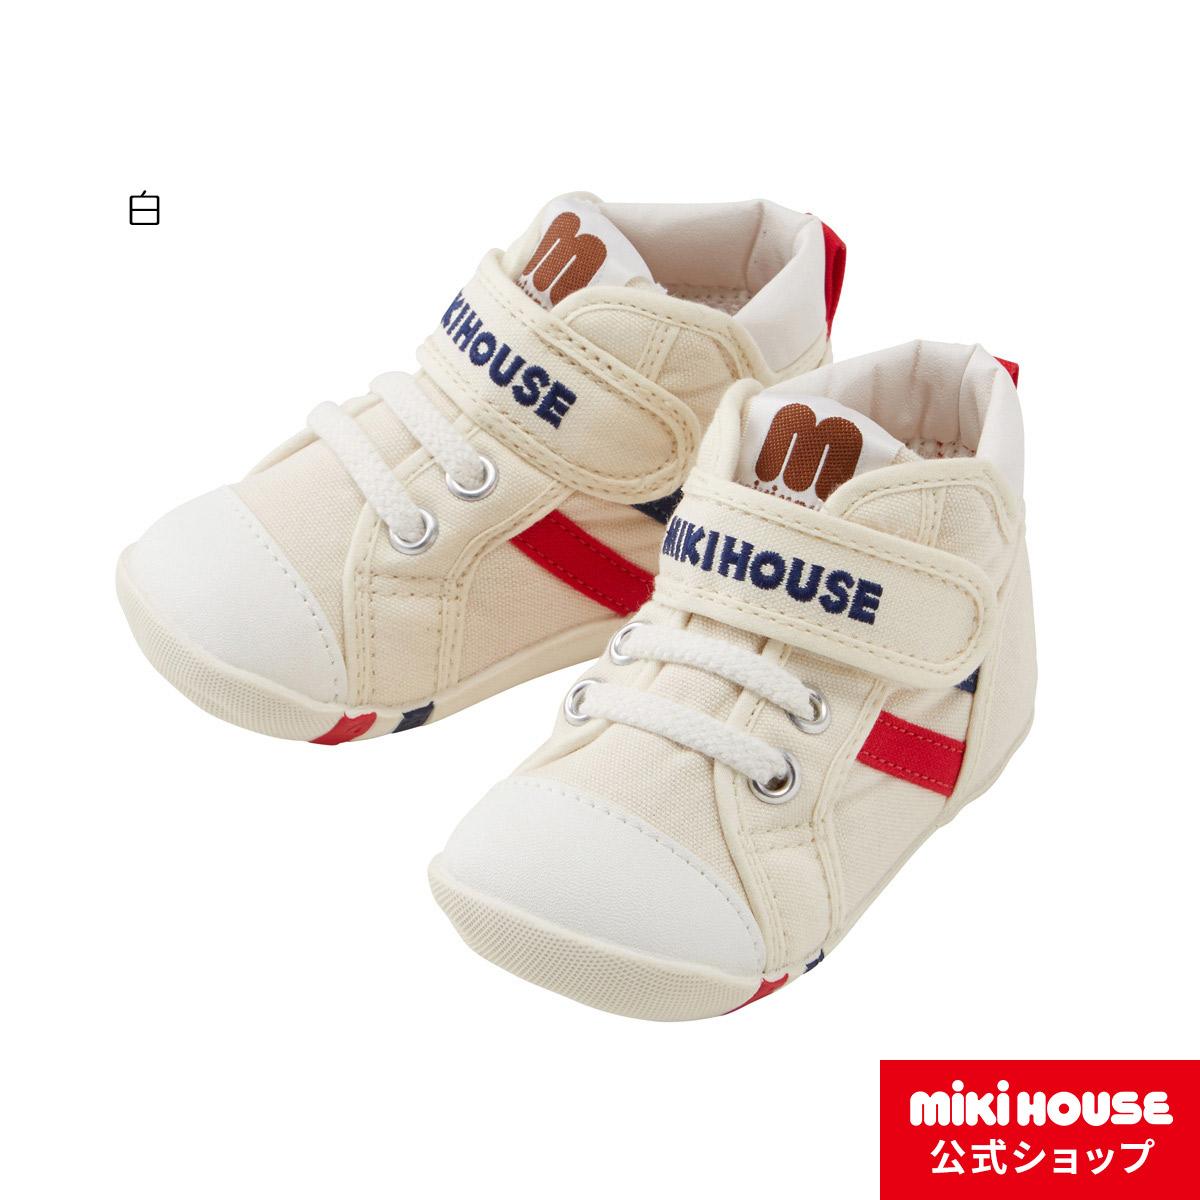 ミキハウス mikihouse  mロゴ サイドラインファーストベビーシューズ(11.5cm-13cm)  ベビー 赤ちゃん 男の子 女の子 靴 プレゼント 出産祝い co202102-h